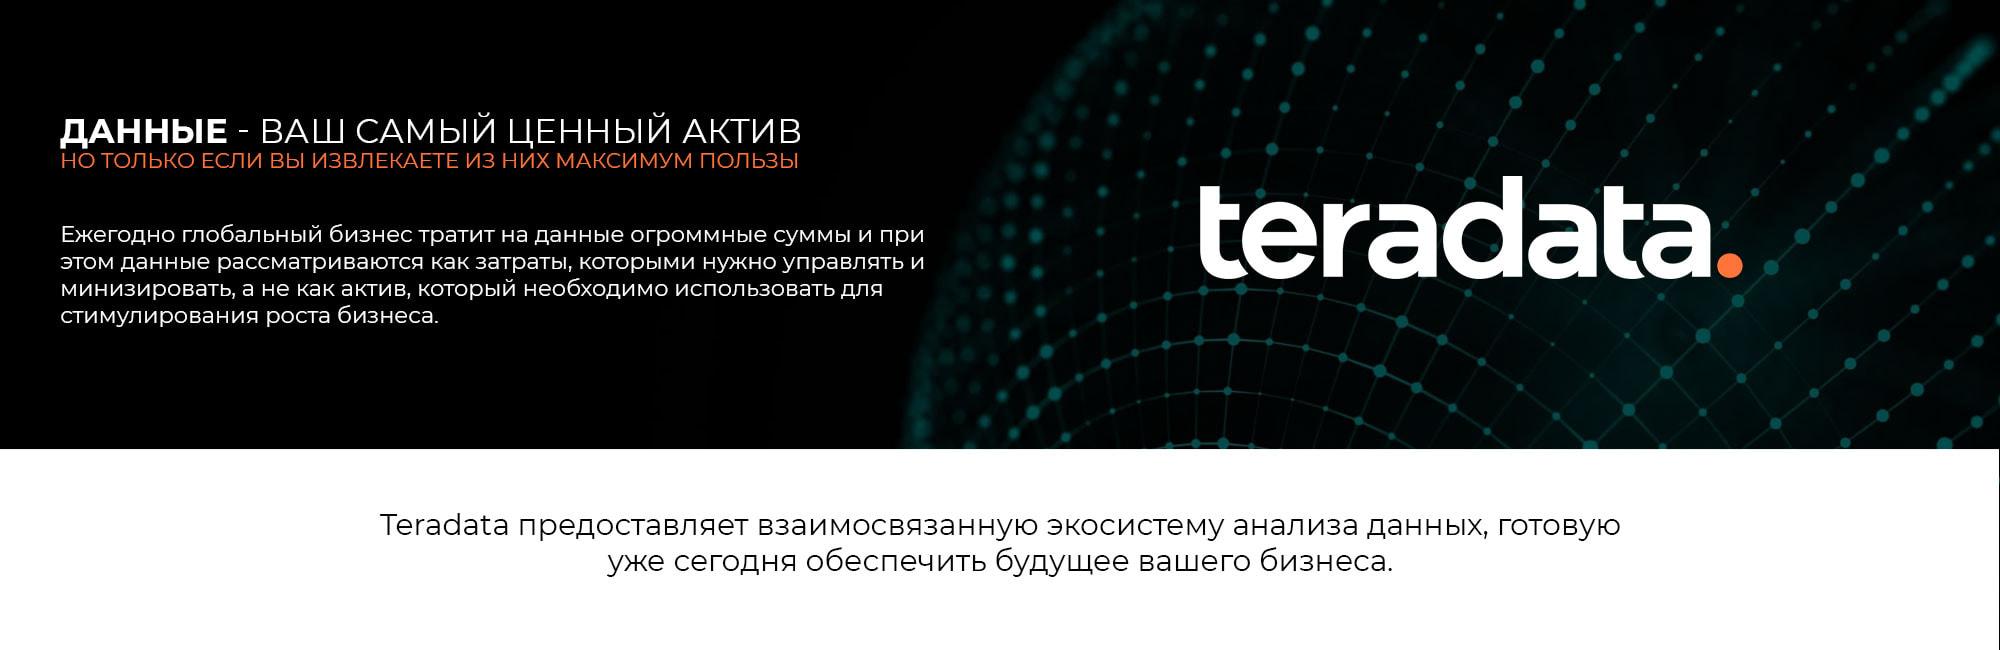 Терадата-глобальная-аналитическая-платформа.